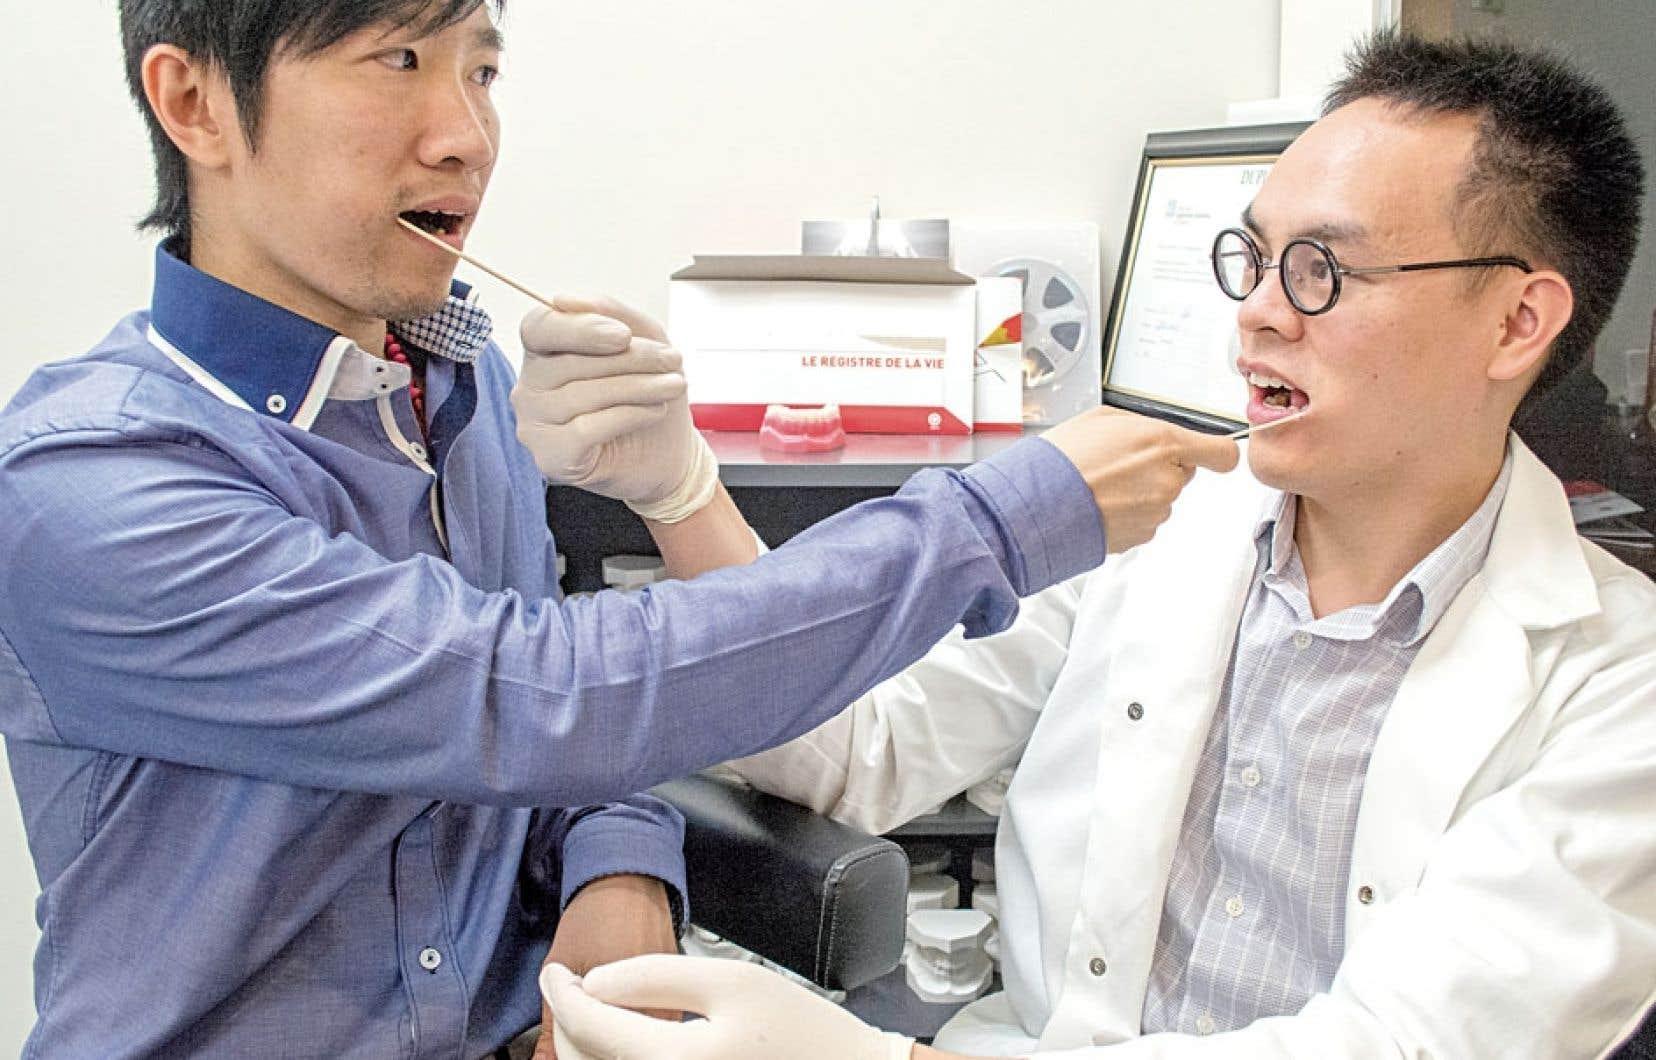 Le dentiste Glenn Hoa (à droite) et Joseph Huynh Ngoc-tri, deux Québécois d'origine vietnamienne, ont volontiers accepté de faire le test de prélèvement de salive pour l'analyse de leur profil génétique. Ce test sera envoyé à ceux qui s'inscriront au registre des donneurs d'Héma-Québec.